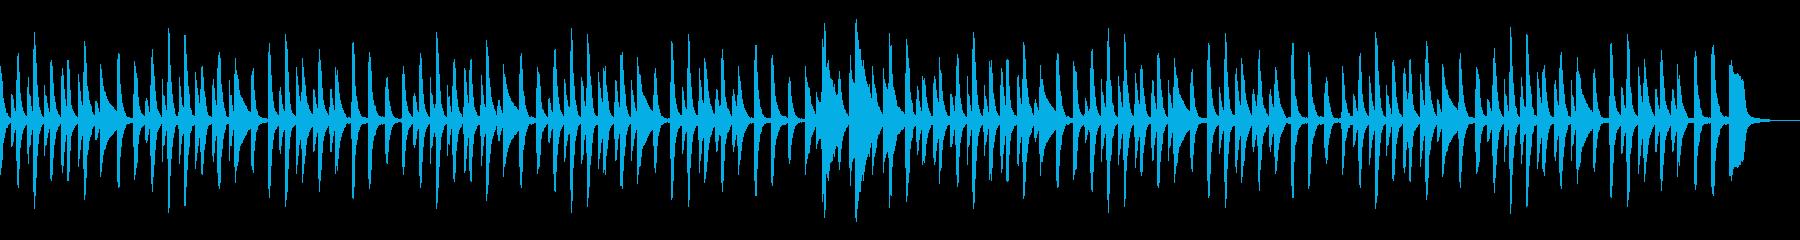 童謡「あめふり」シンプルなピアノソロの再生済みの波形